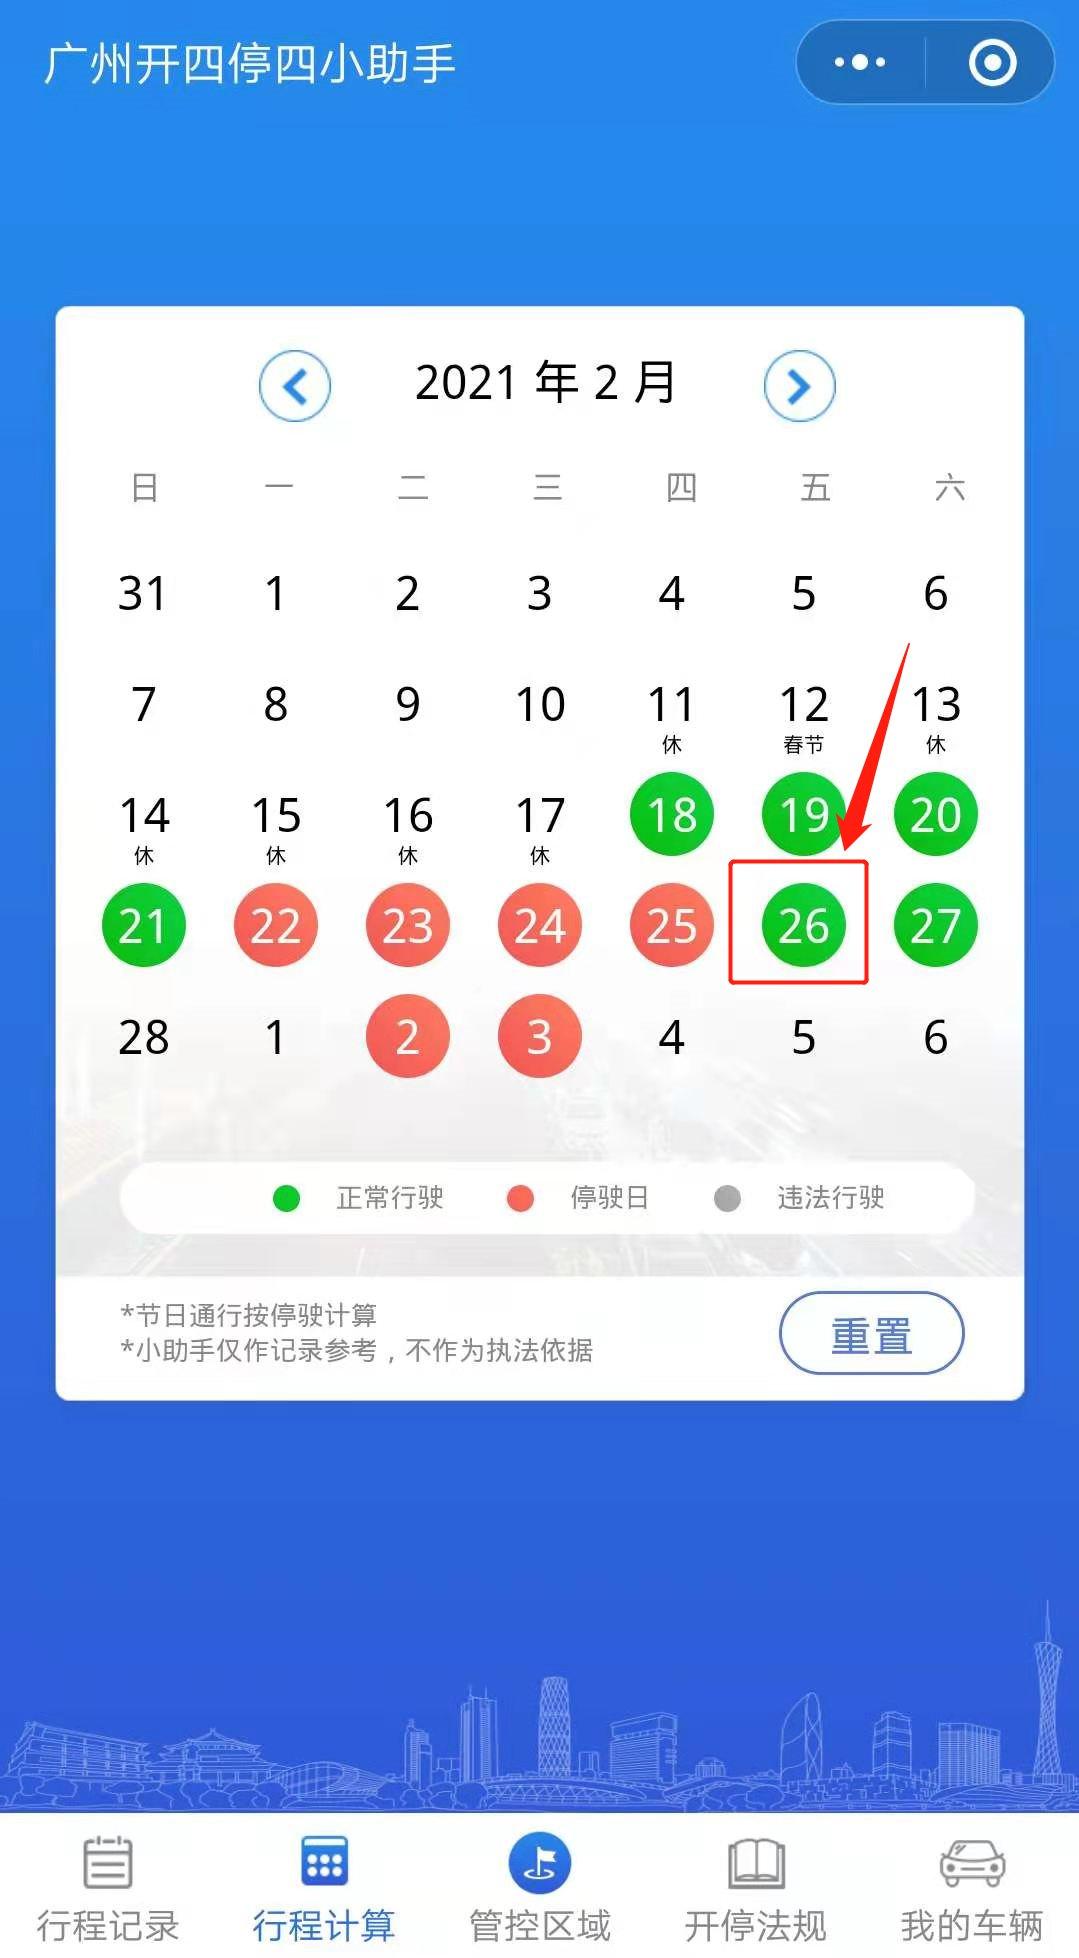 2月26日元宵节广州开四停四限行规定一览